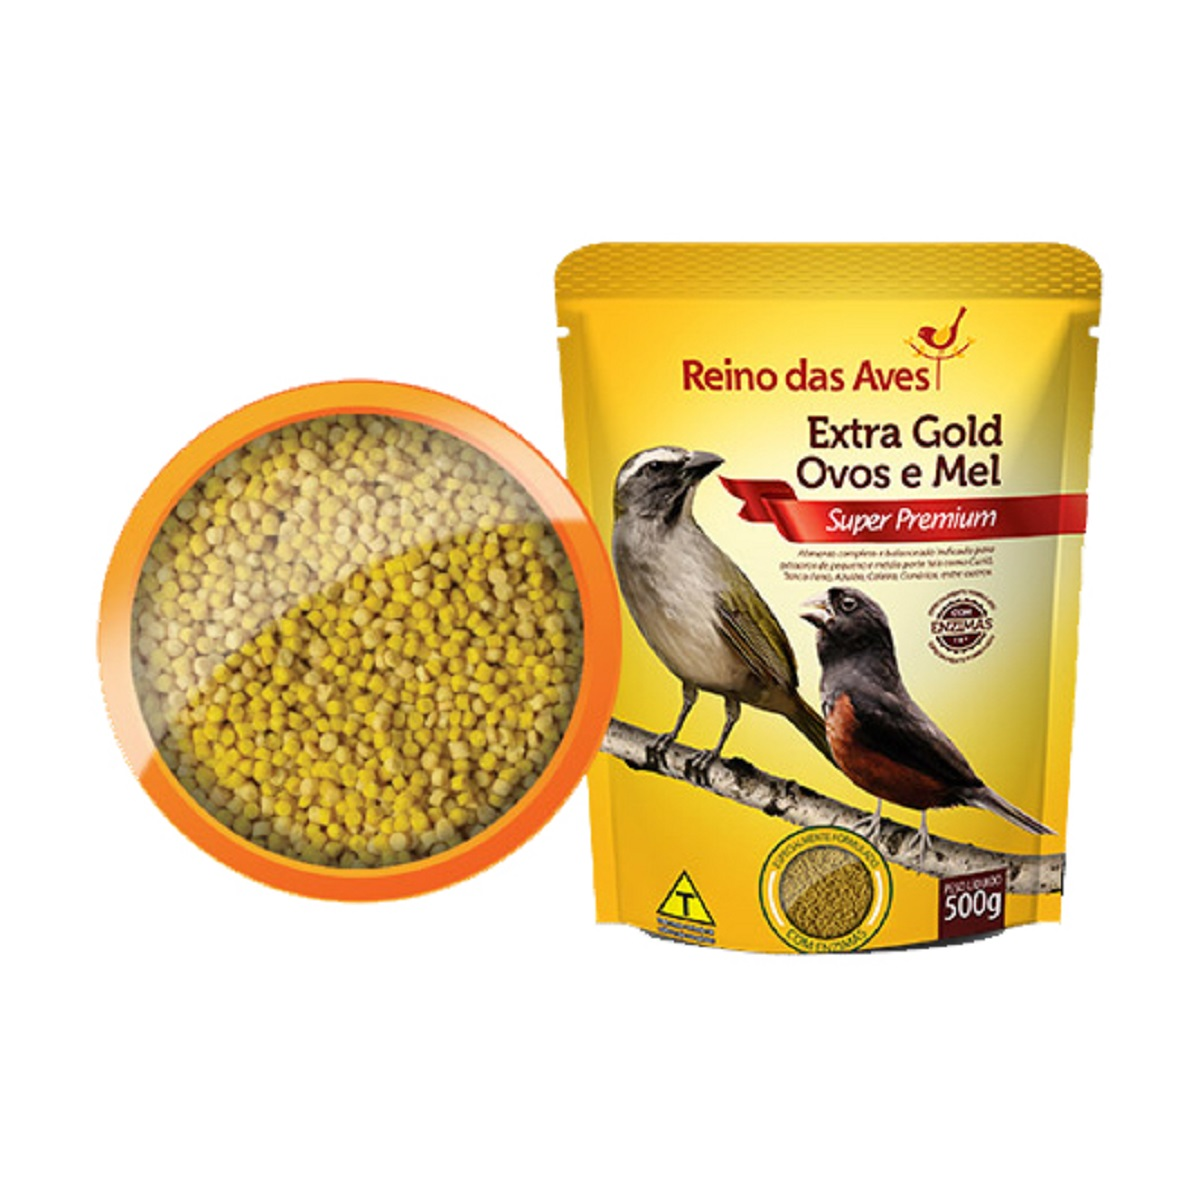 Ração para curio, canario, Coleira, Extra Gold Ovos e Mel 500g  - Onda do Pet